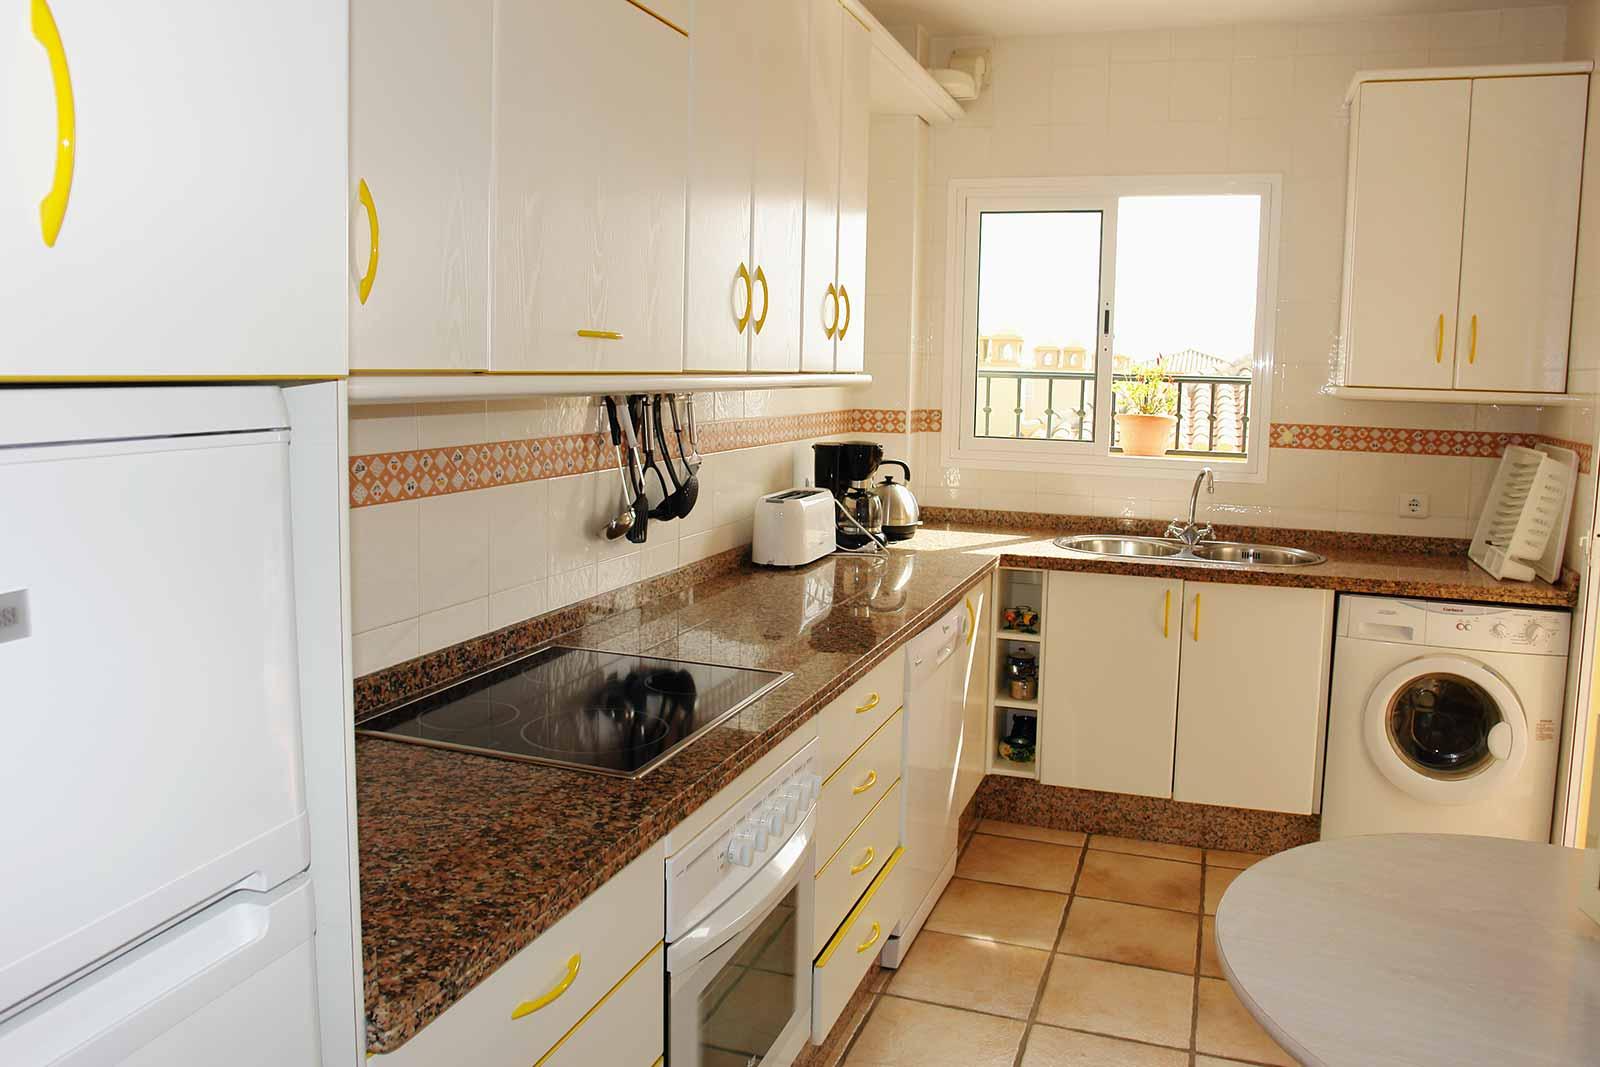 Carabeo2000-3_3- Kitchen